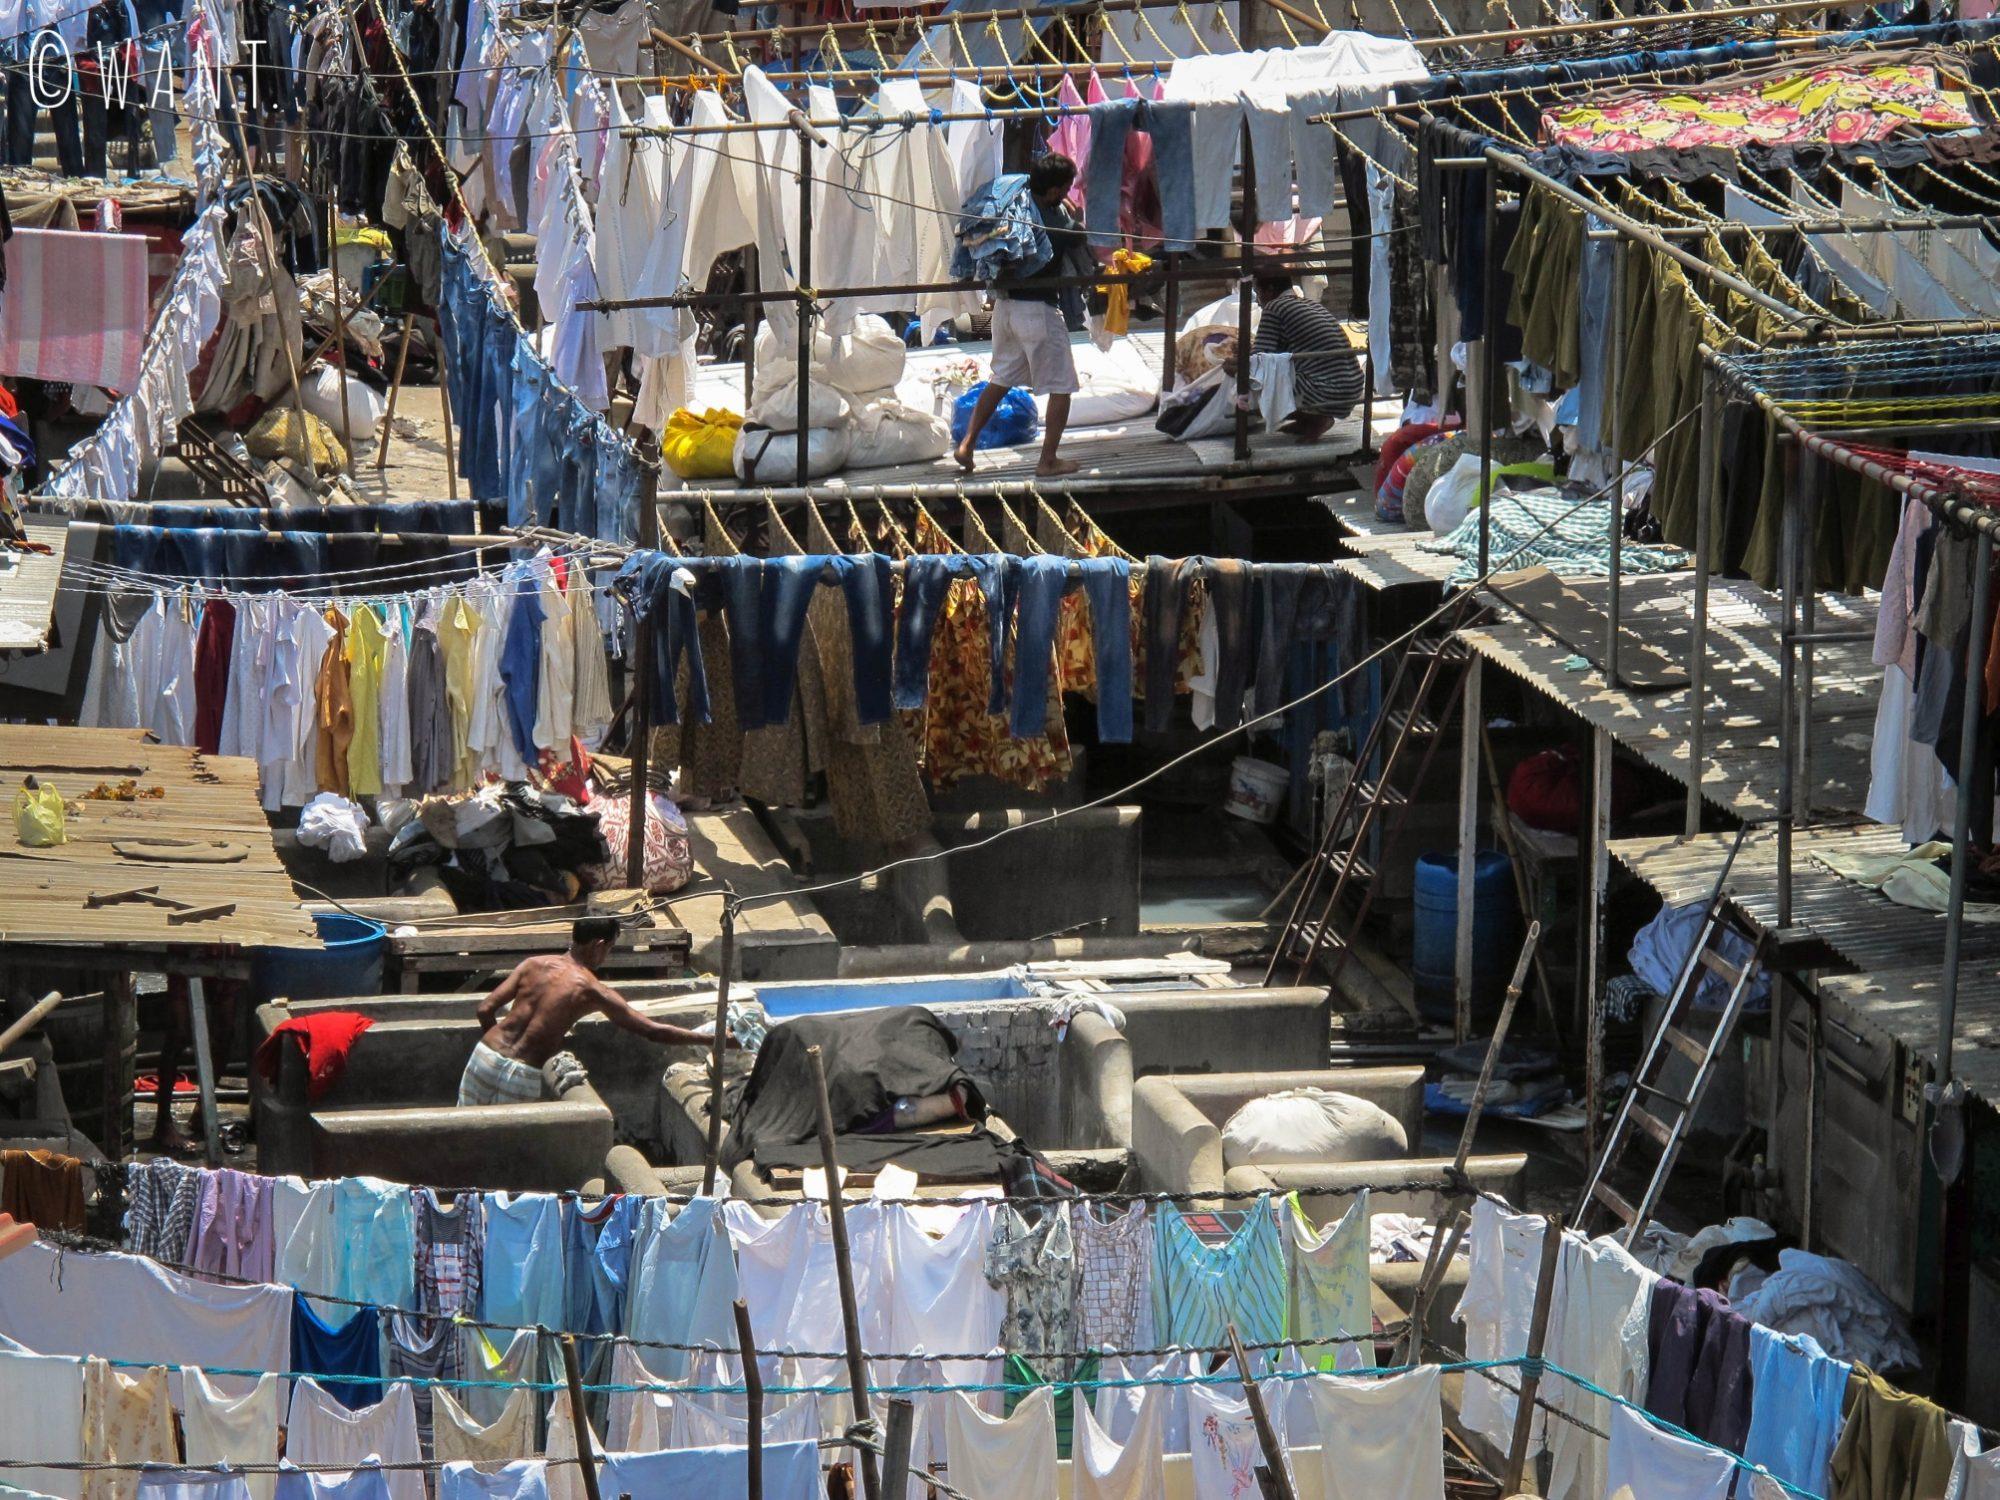 Point de vue sur Dhobi Ghat depuis le pont de la station de métro Mahalaxmi